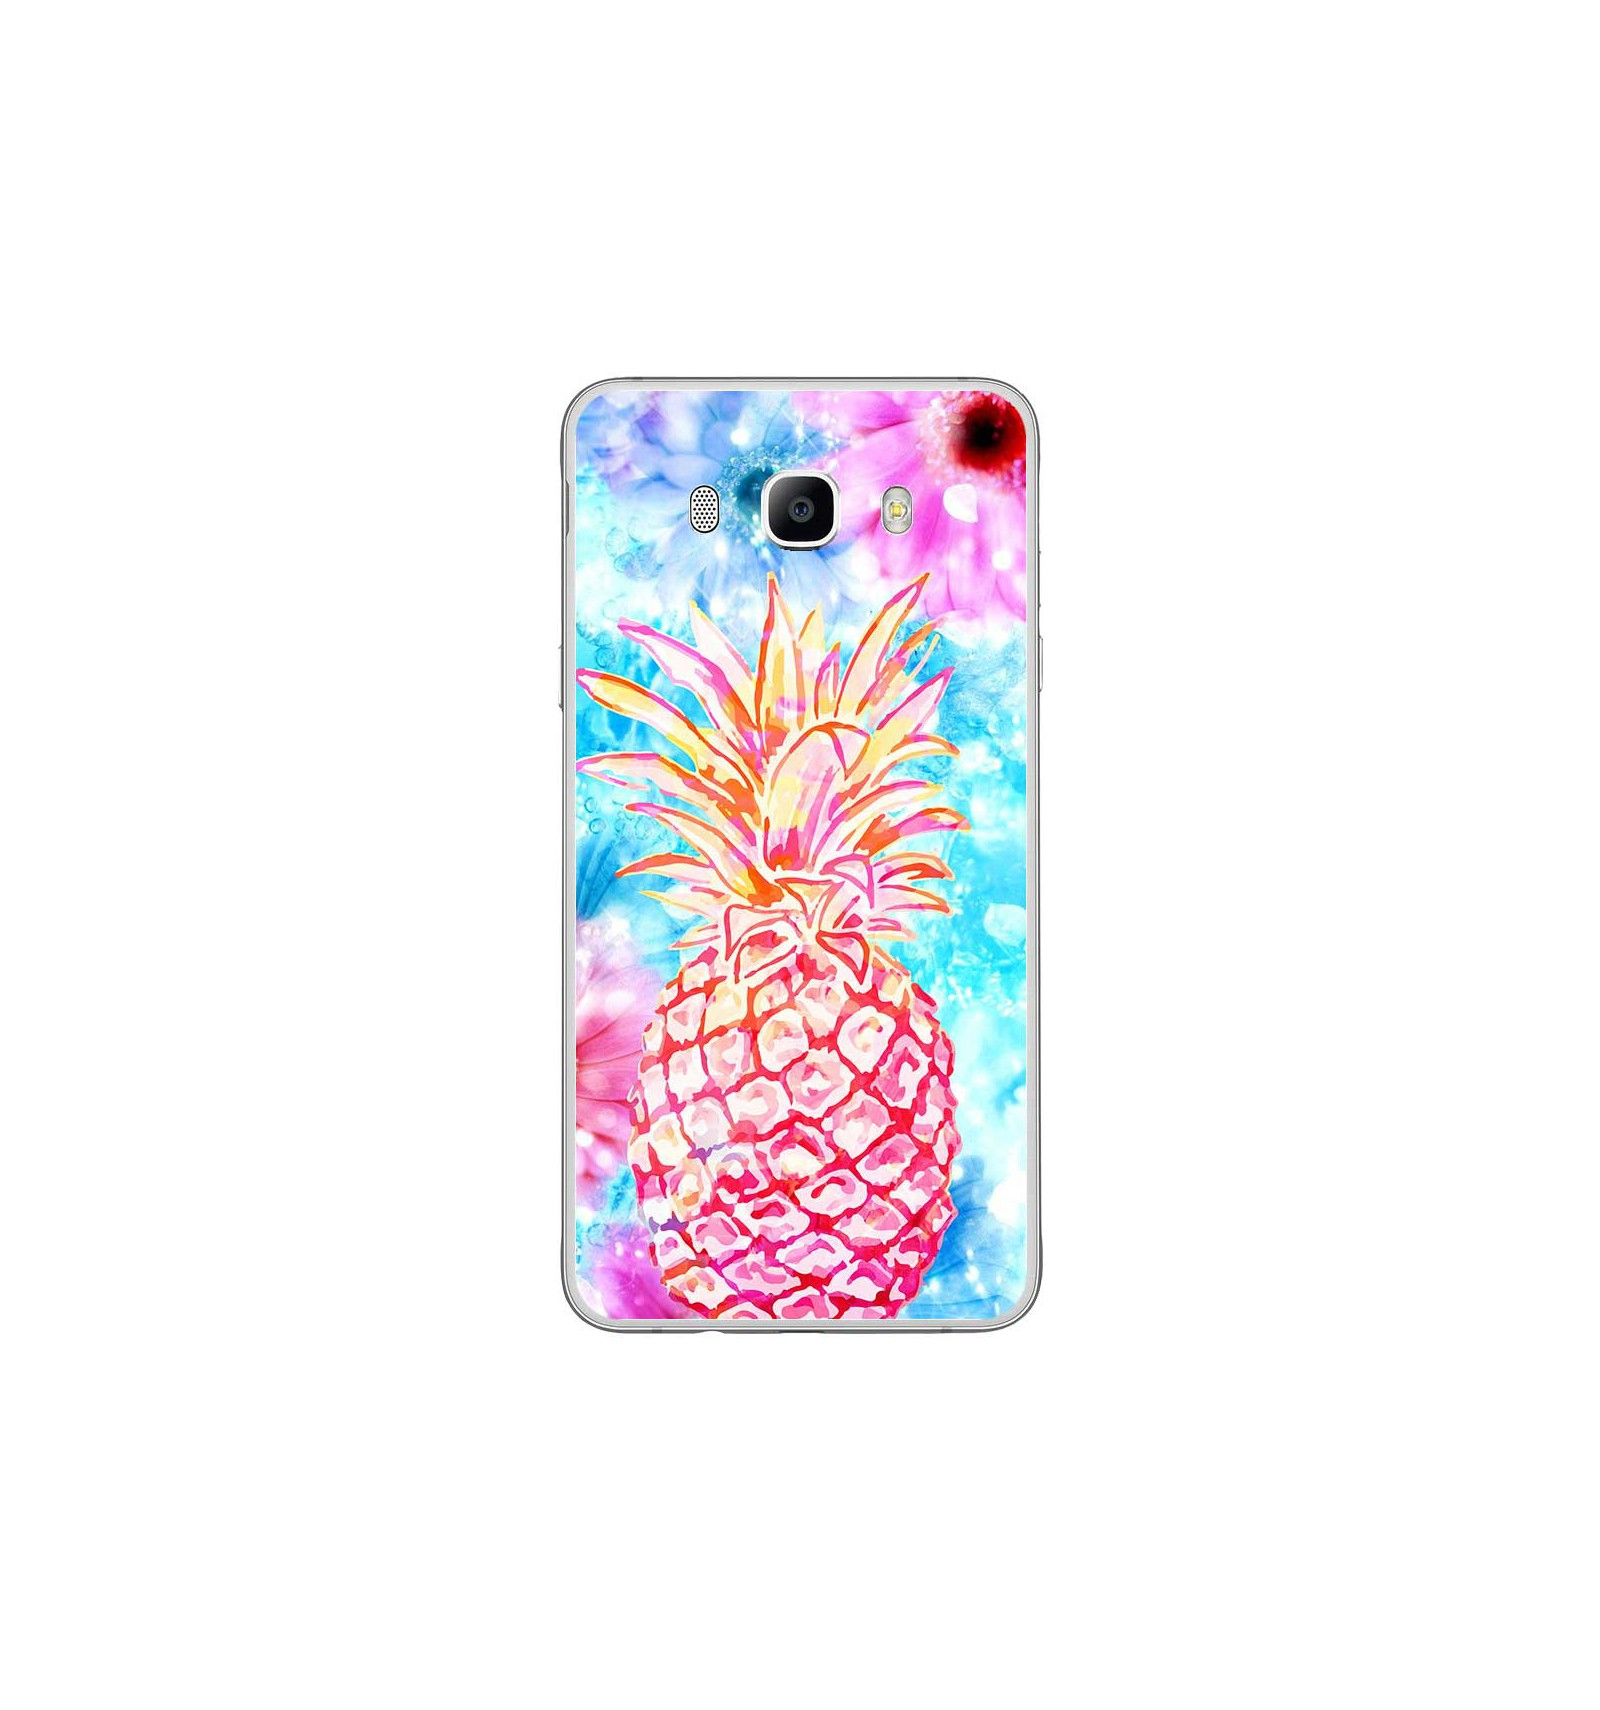 coque samsung j7 2016 ananas